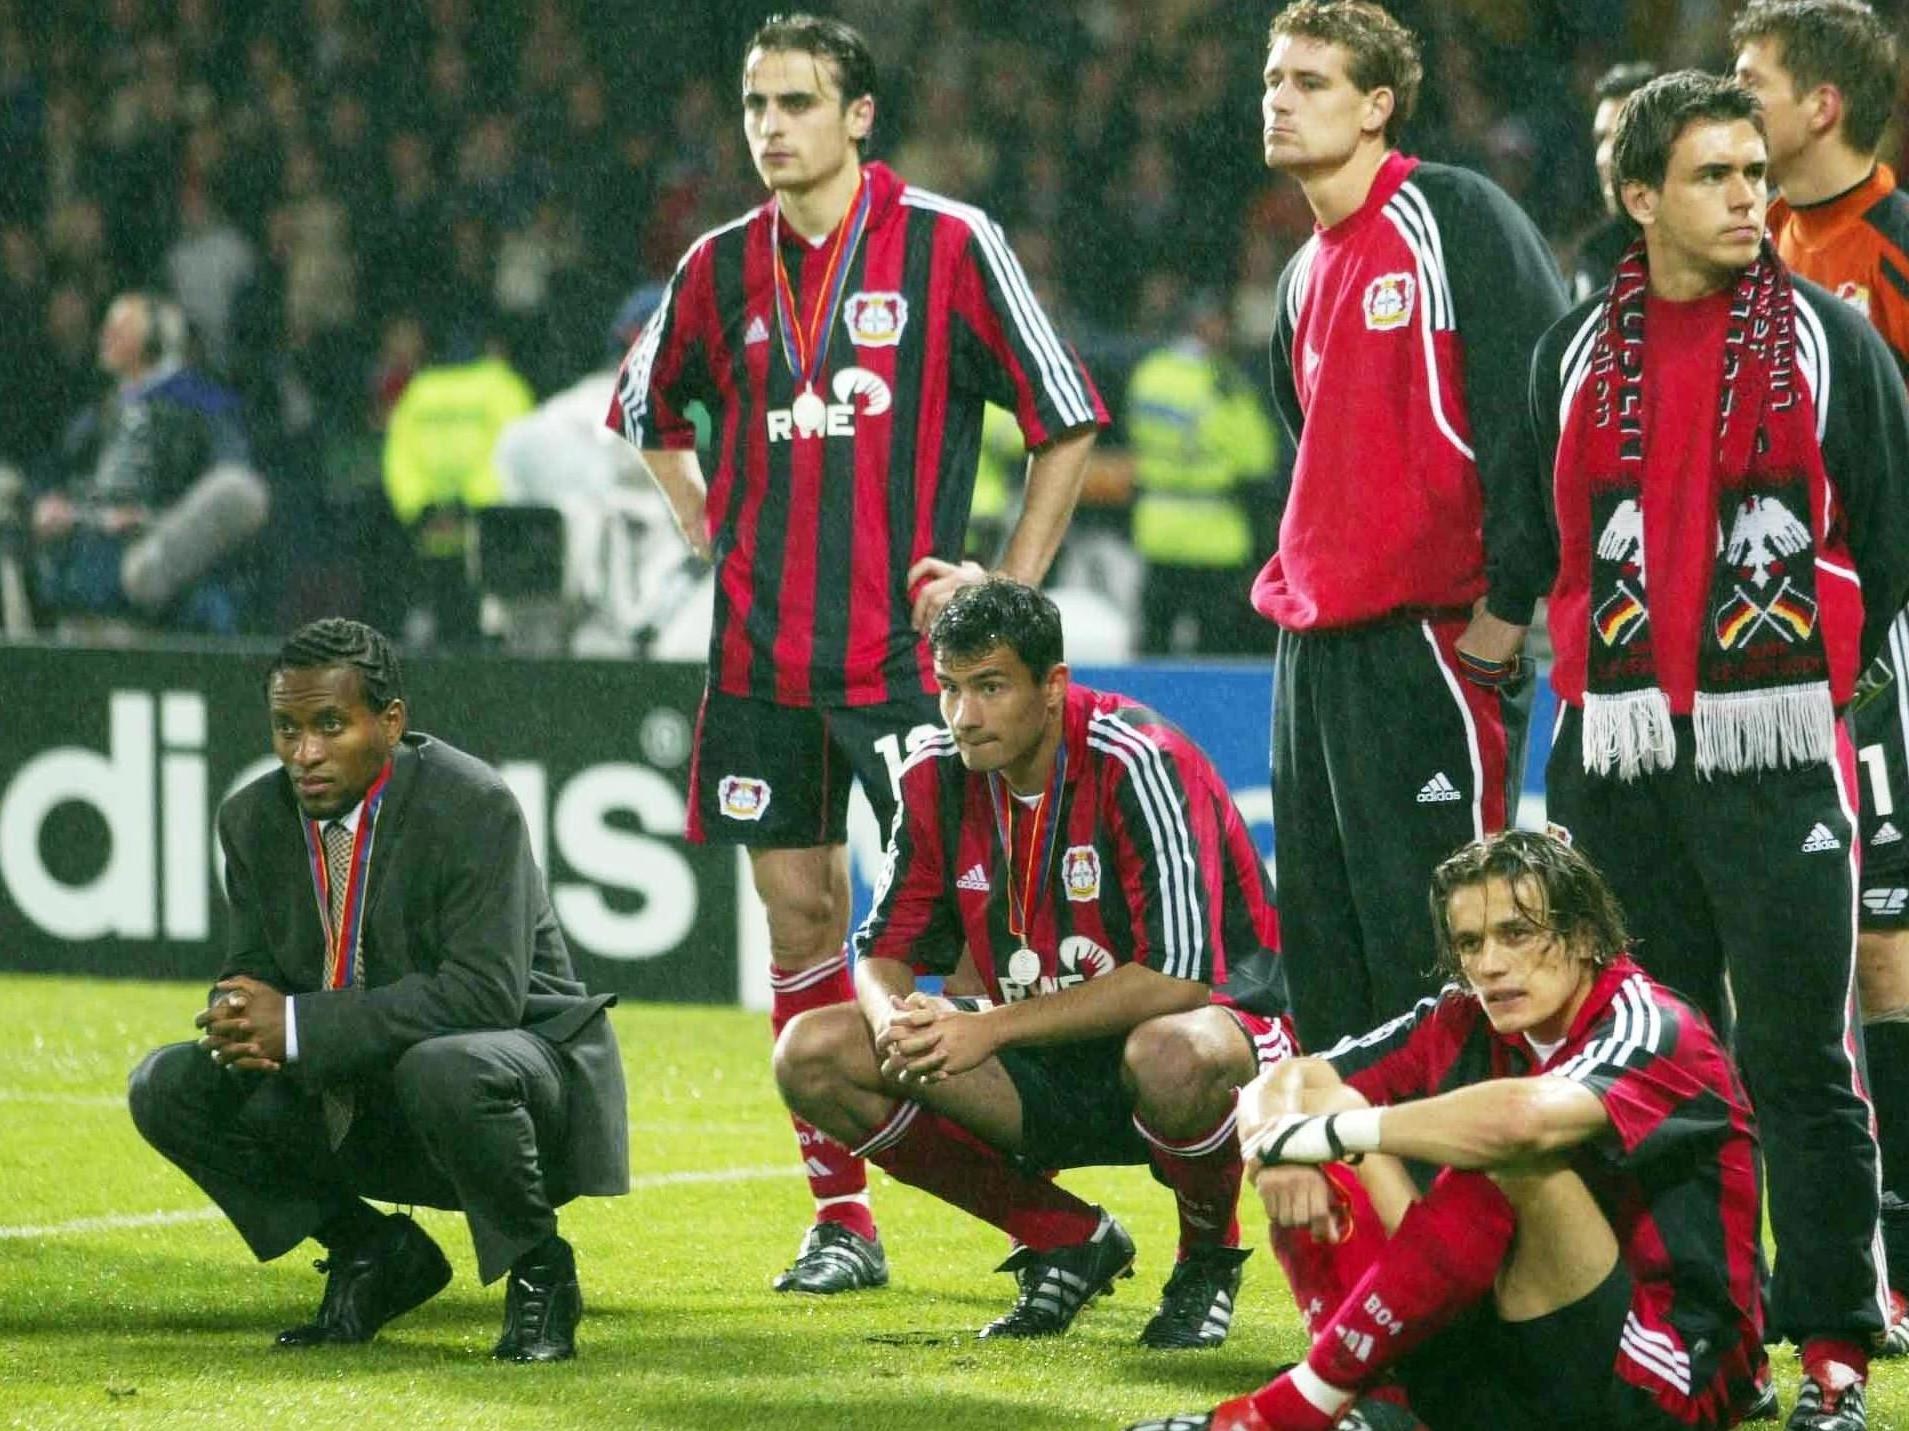 Bayer Leverkusen Vs Real Madrid 2002 Full Match